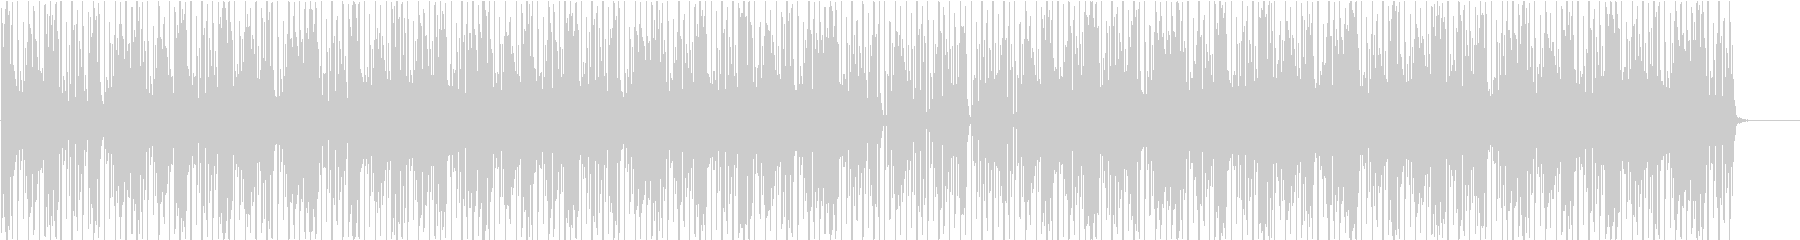 90年代アシッドジャズ風BGM(WAV)の未再生の波形